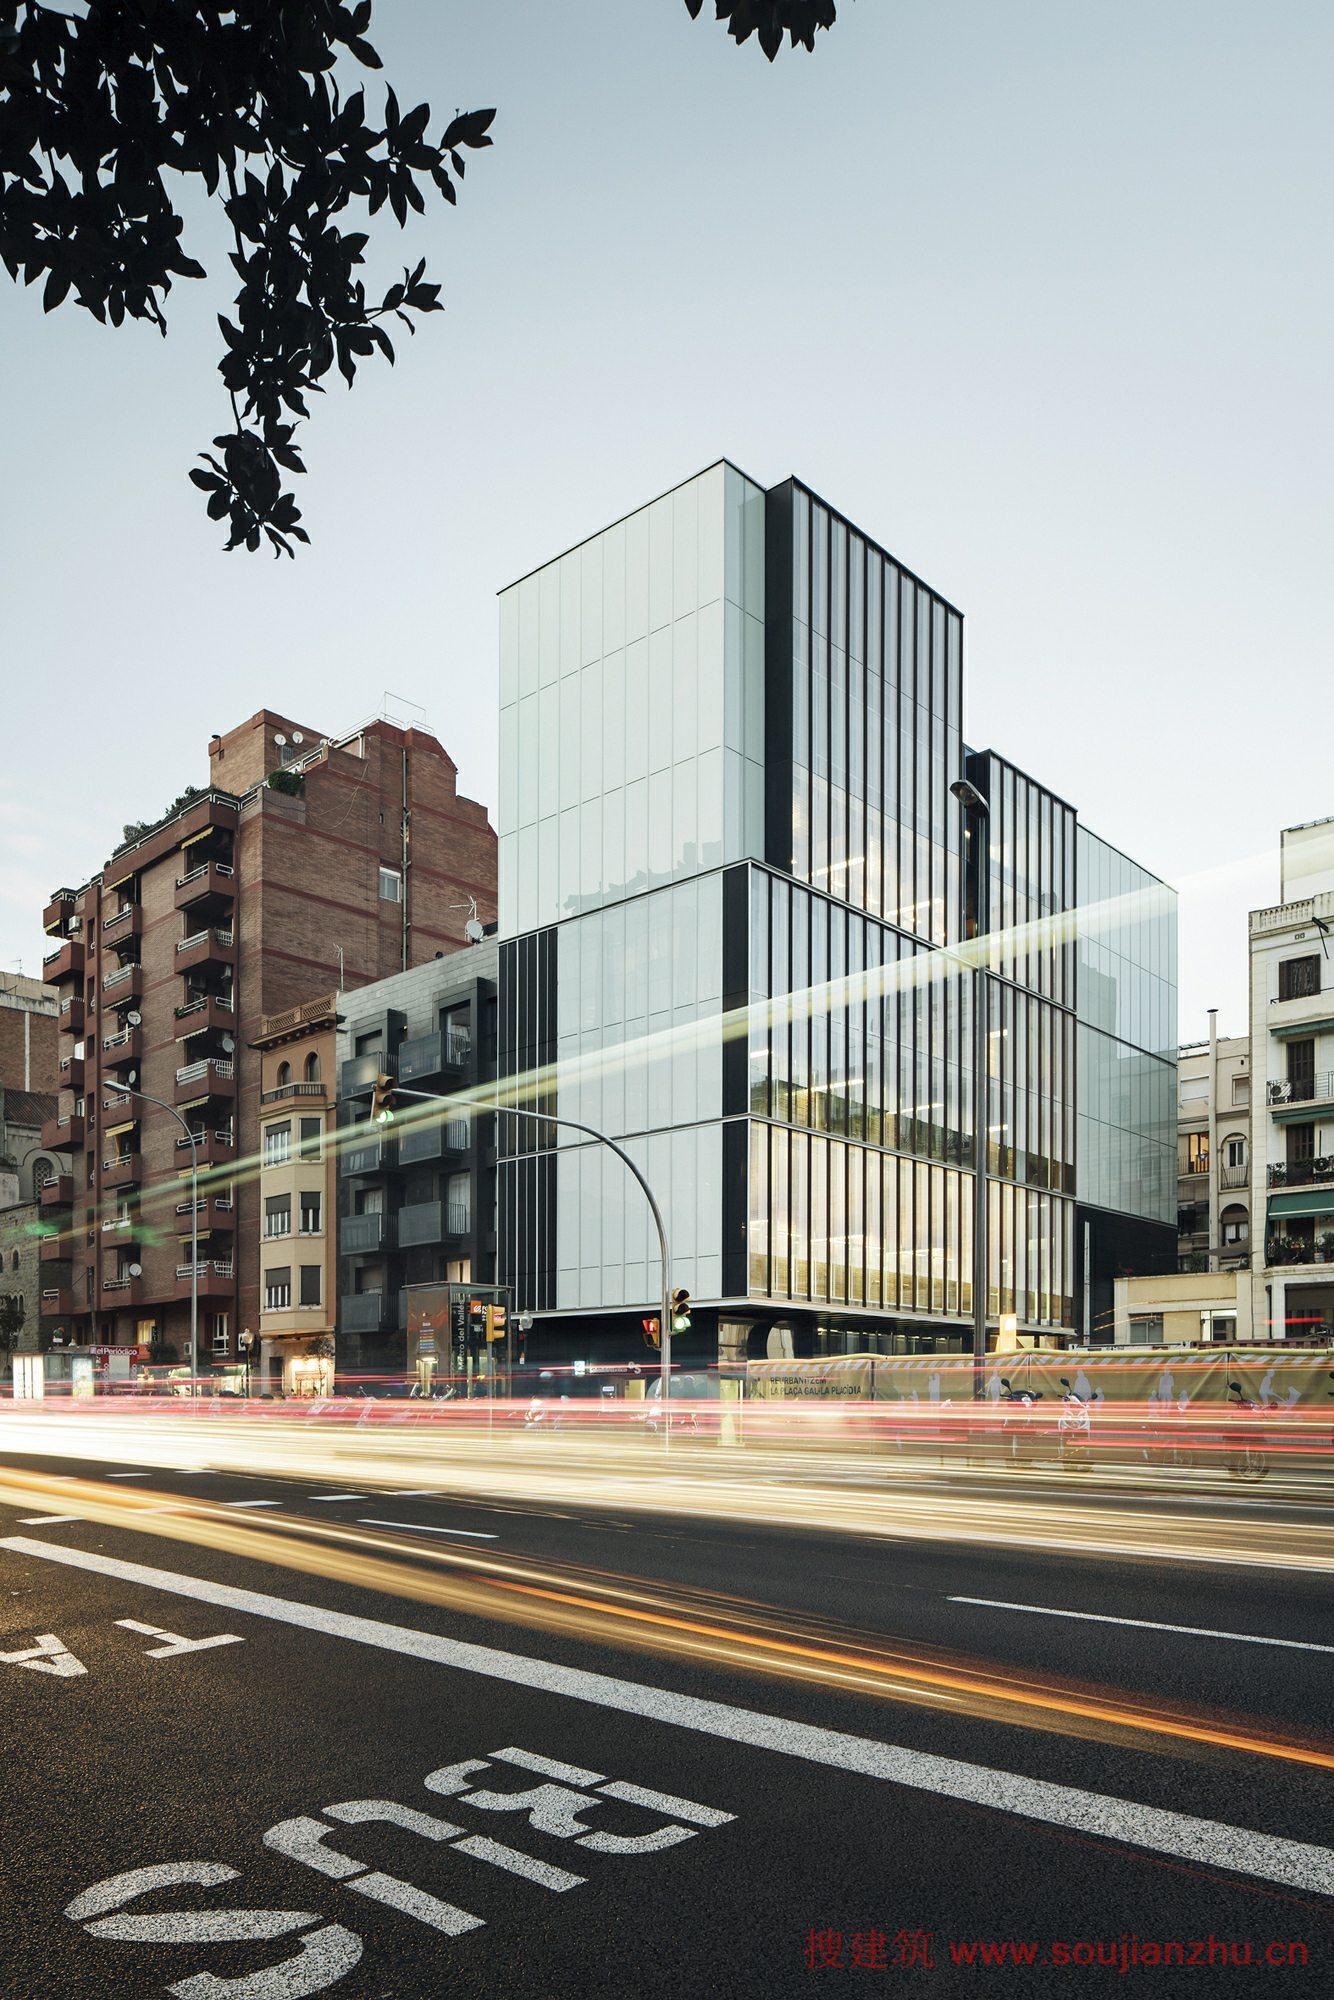 搜建筑网 西班牙 经济学研究所新总部 roldan berengue